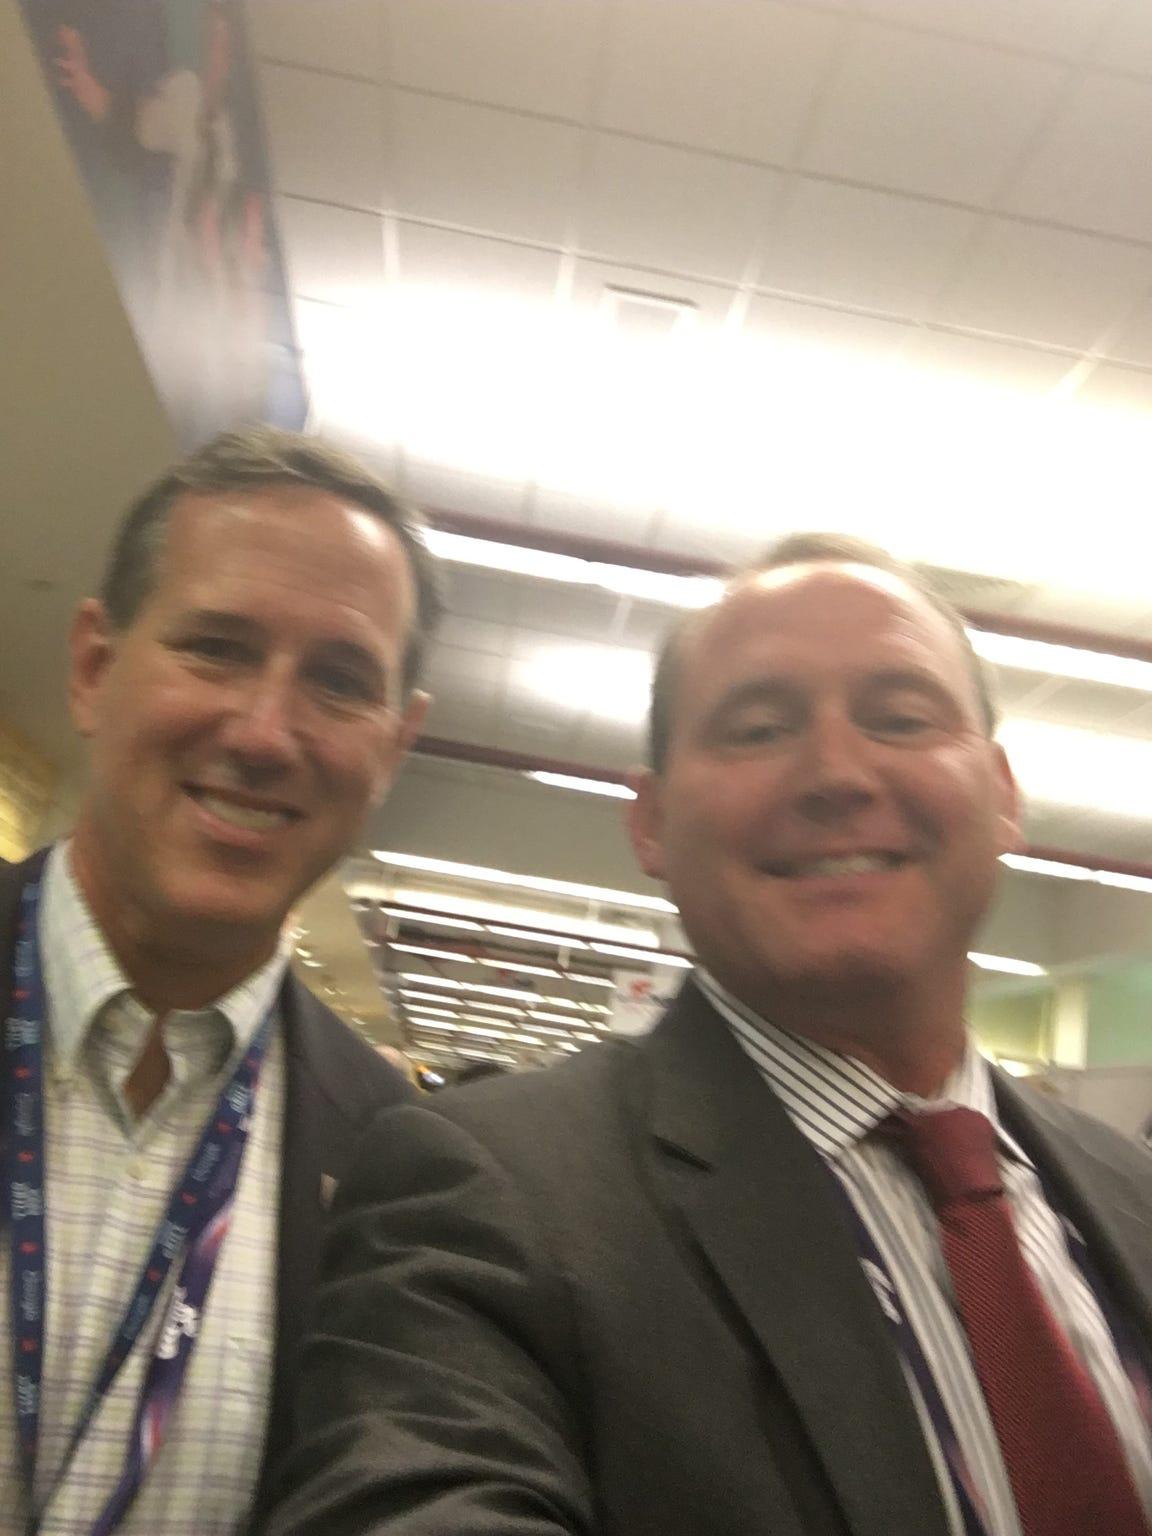 Photo op with Rick Santorum